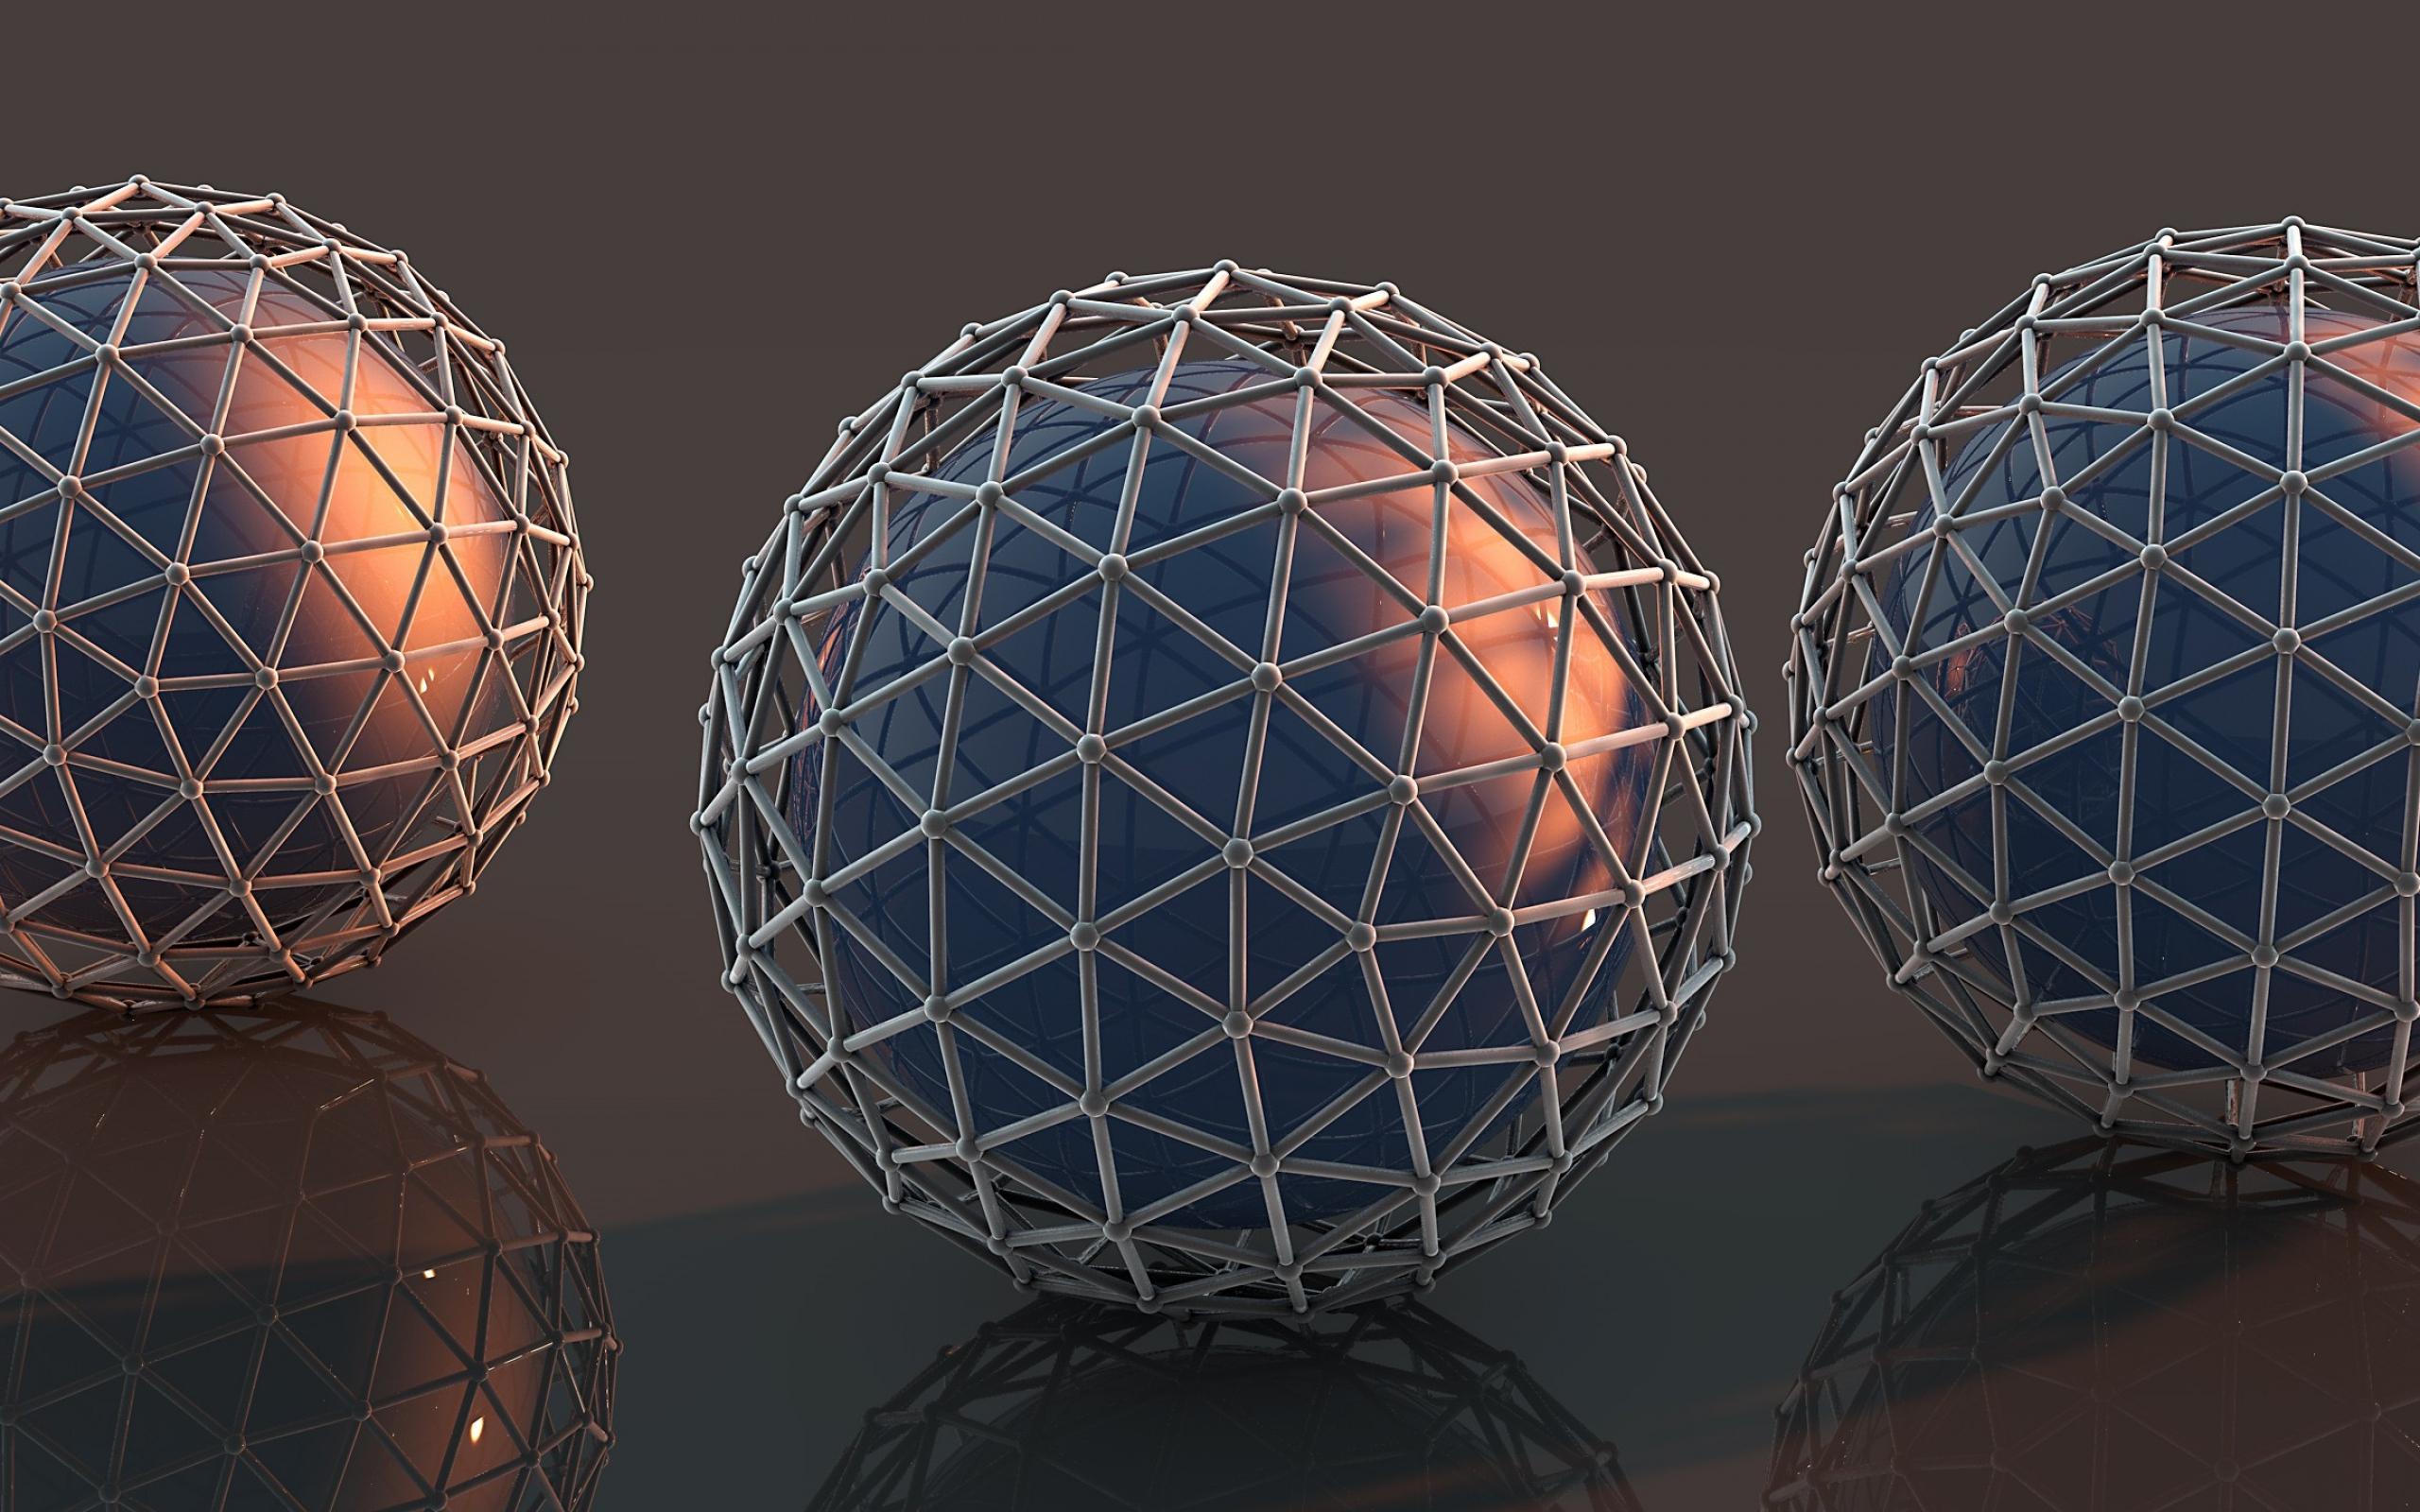 Мяч в сетке  № 1365501 без смс